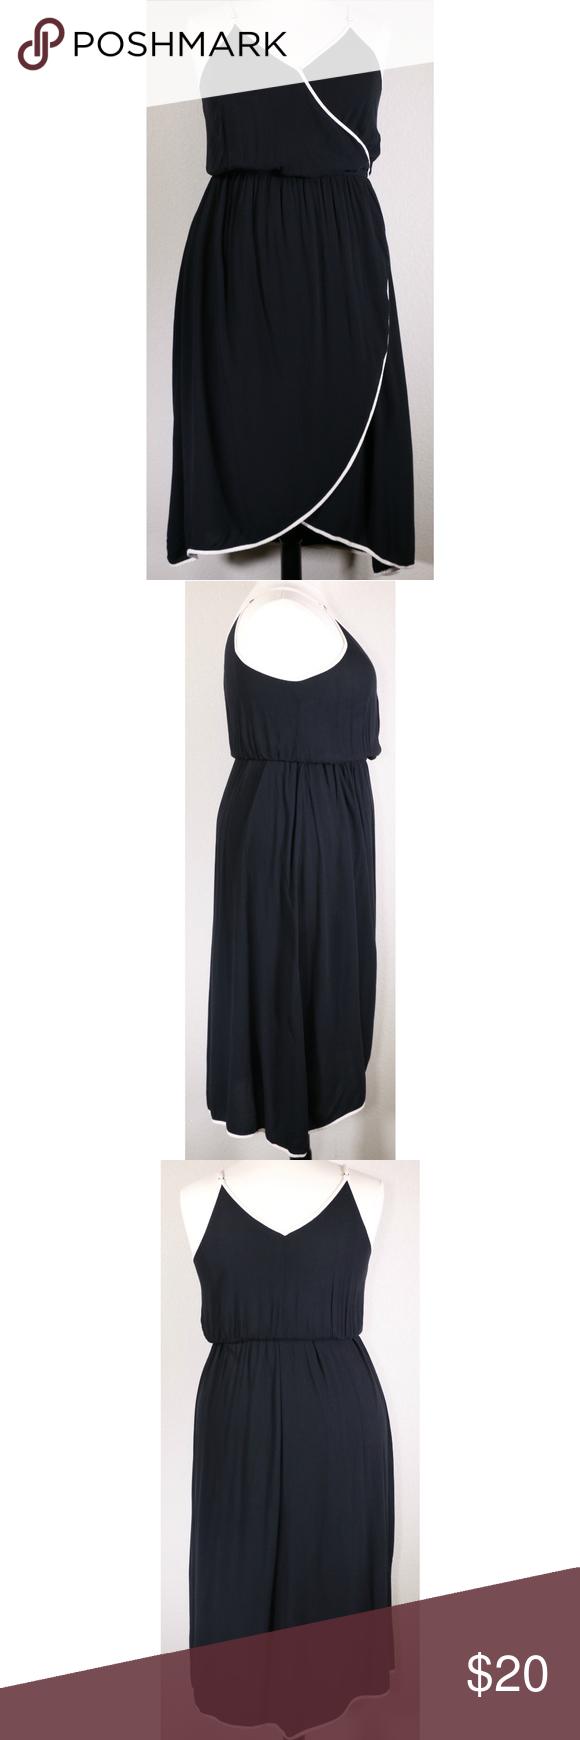 Who What Wear Black White Trim Wrap Dress Black Wrap Dress Wrap Dress Dresses [ 1740 x 580 Pixel ]